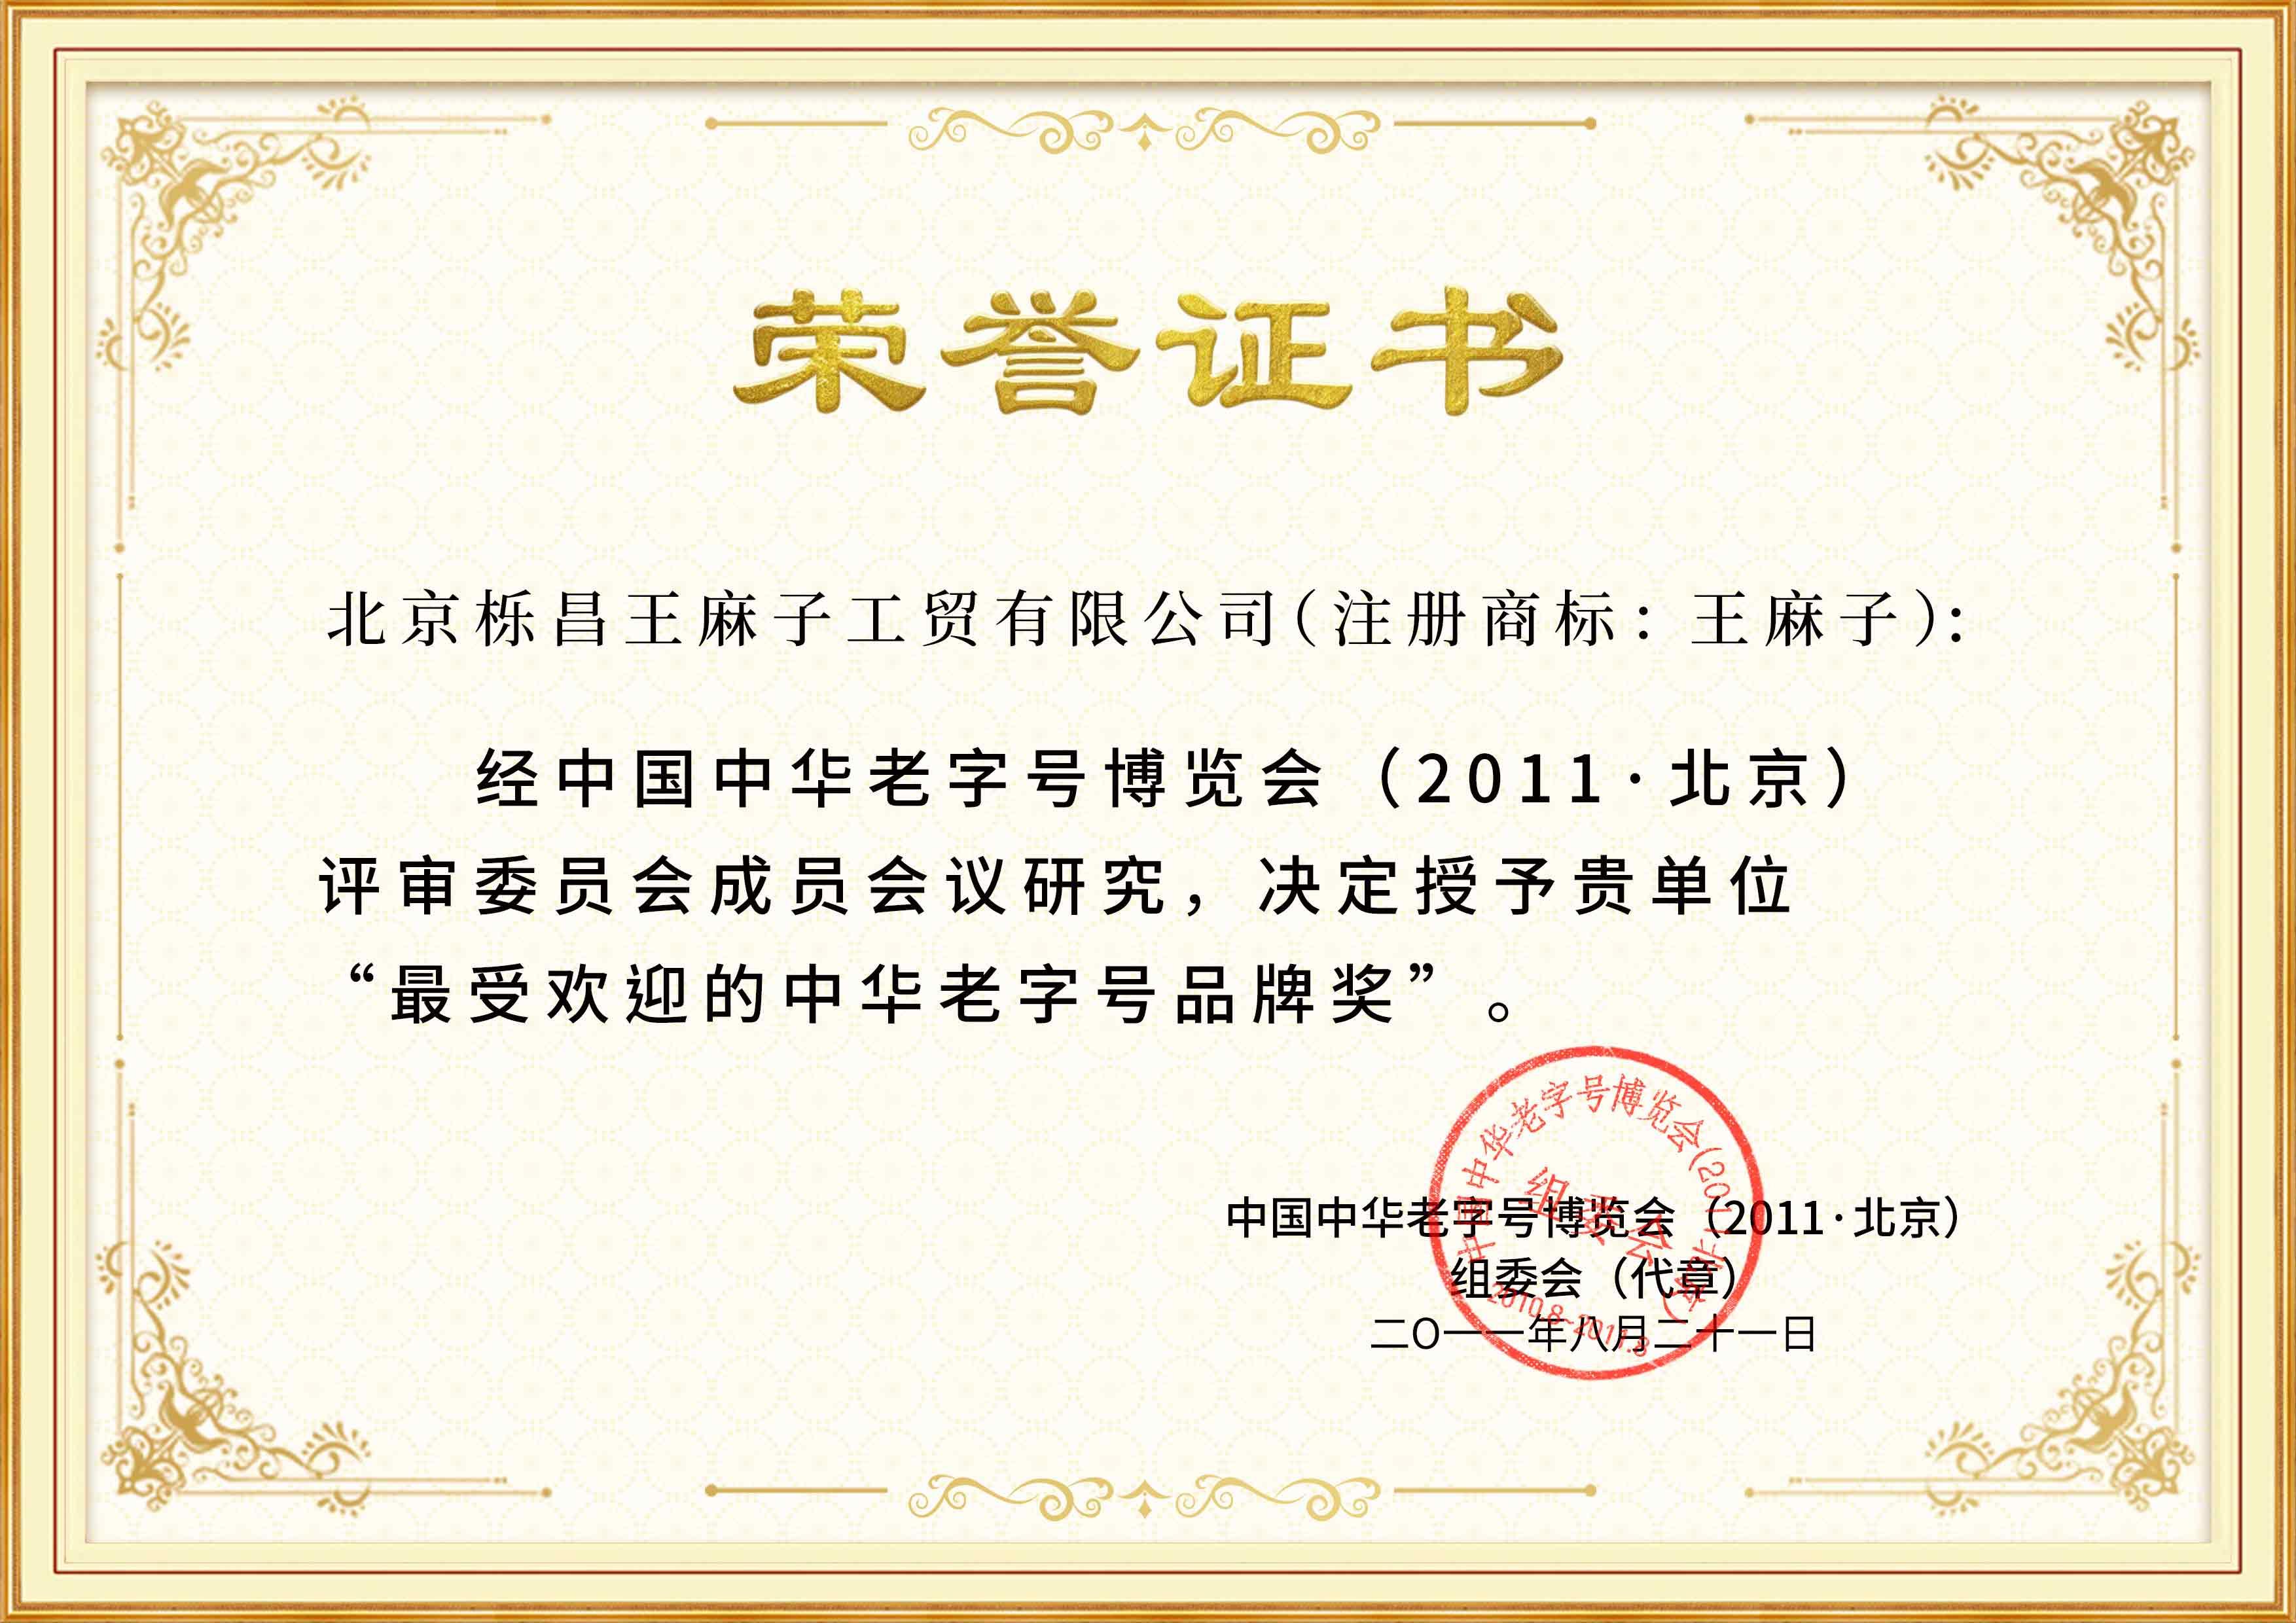 最受欢迎的中华老字号品牌奖.jpg